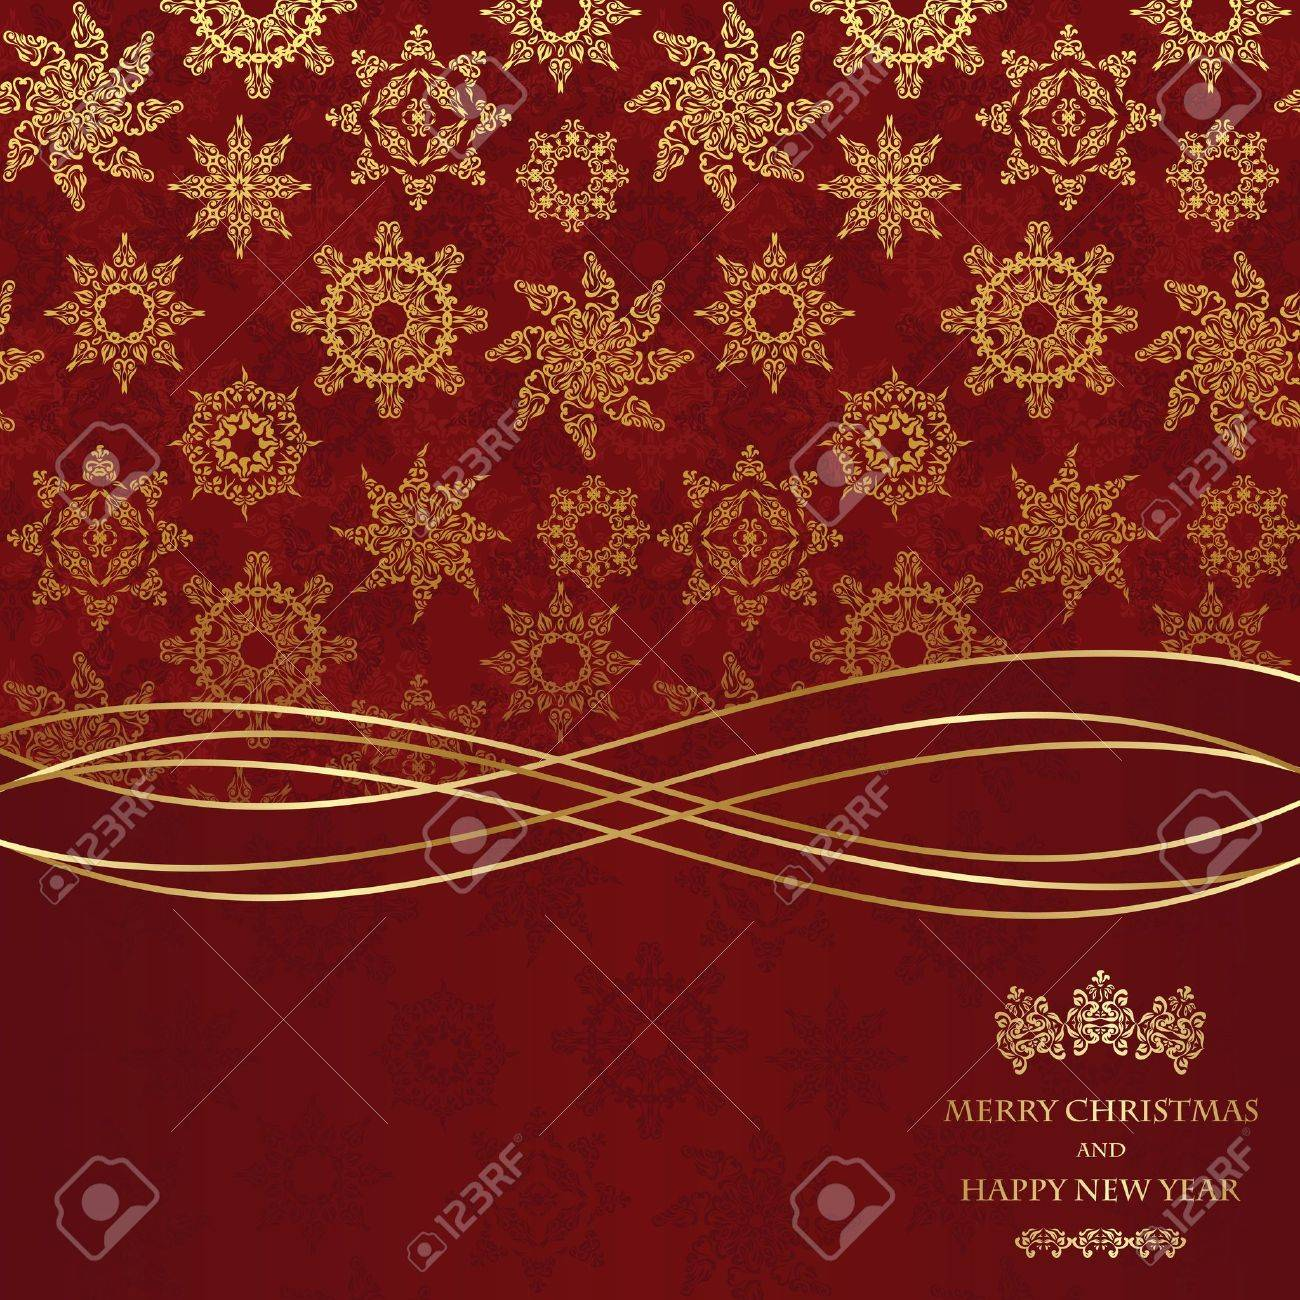 weihnachten nahtlose tapete. kann als grußkarte oder einladung, Einladungen